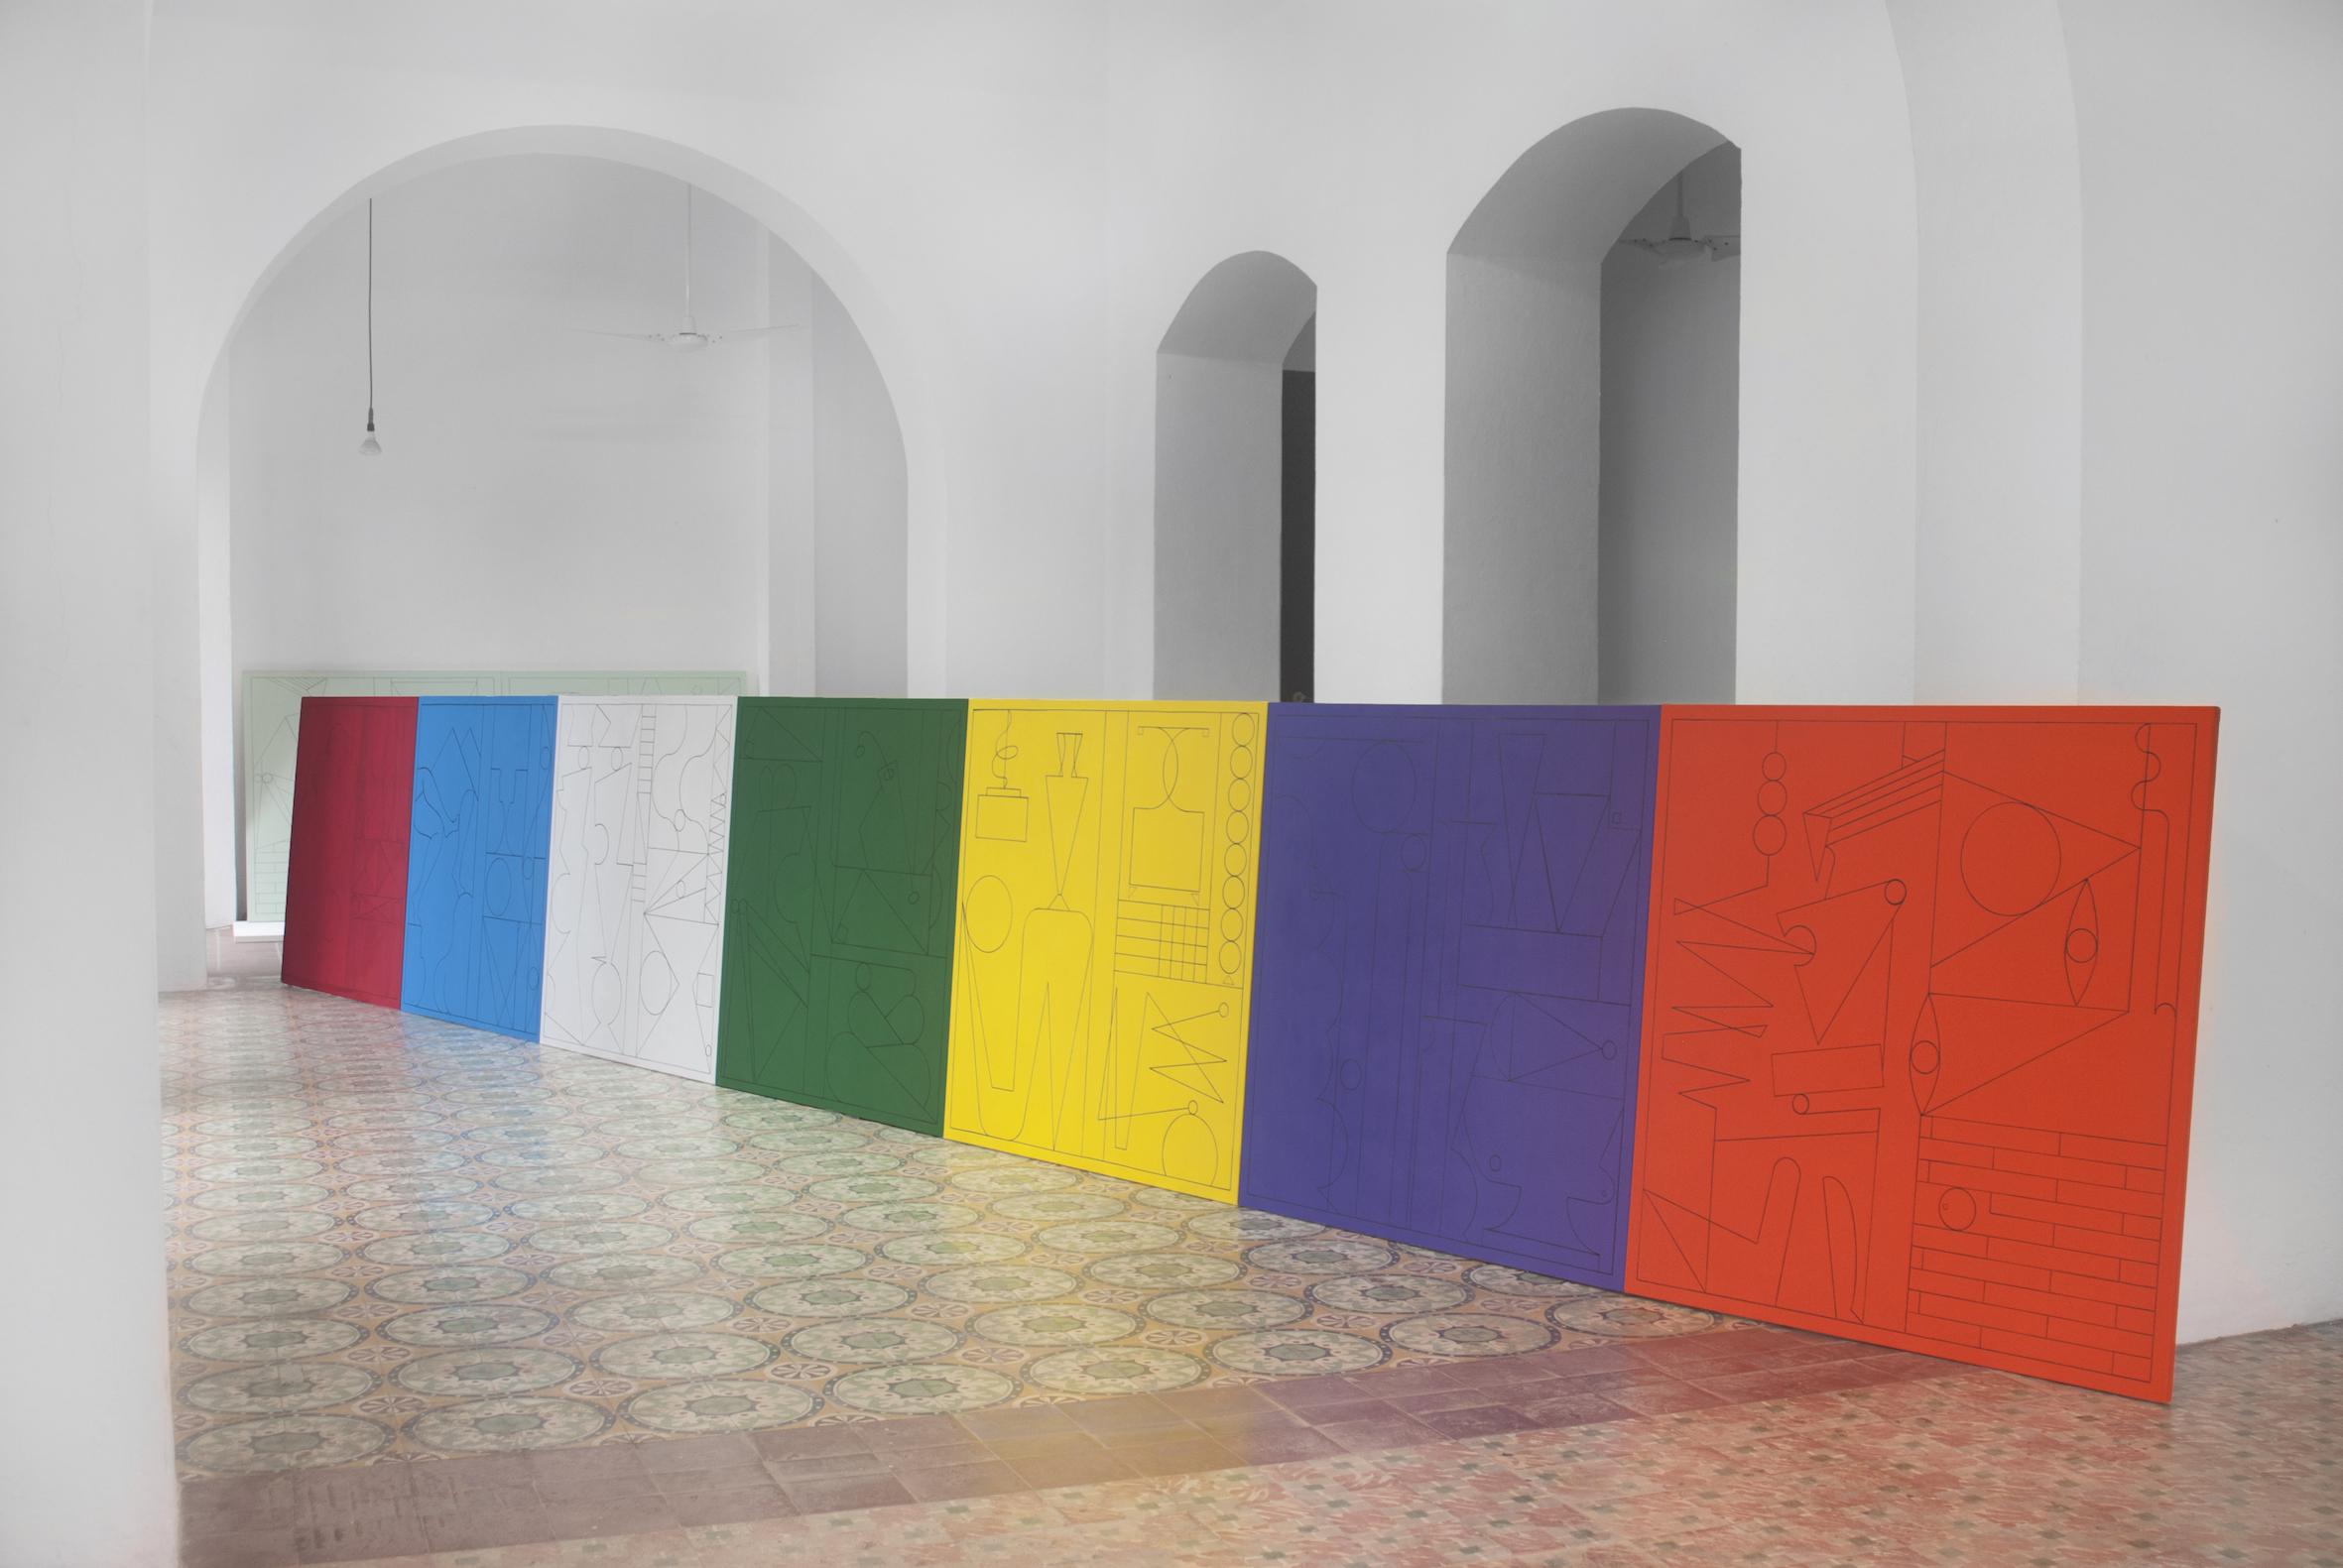 Adriana_Minoliti__Queer_modular__2016_HiRes.jpg